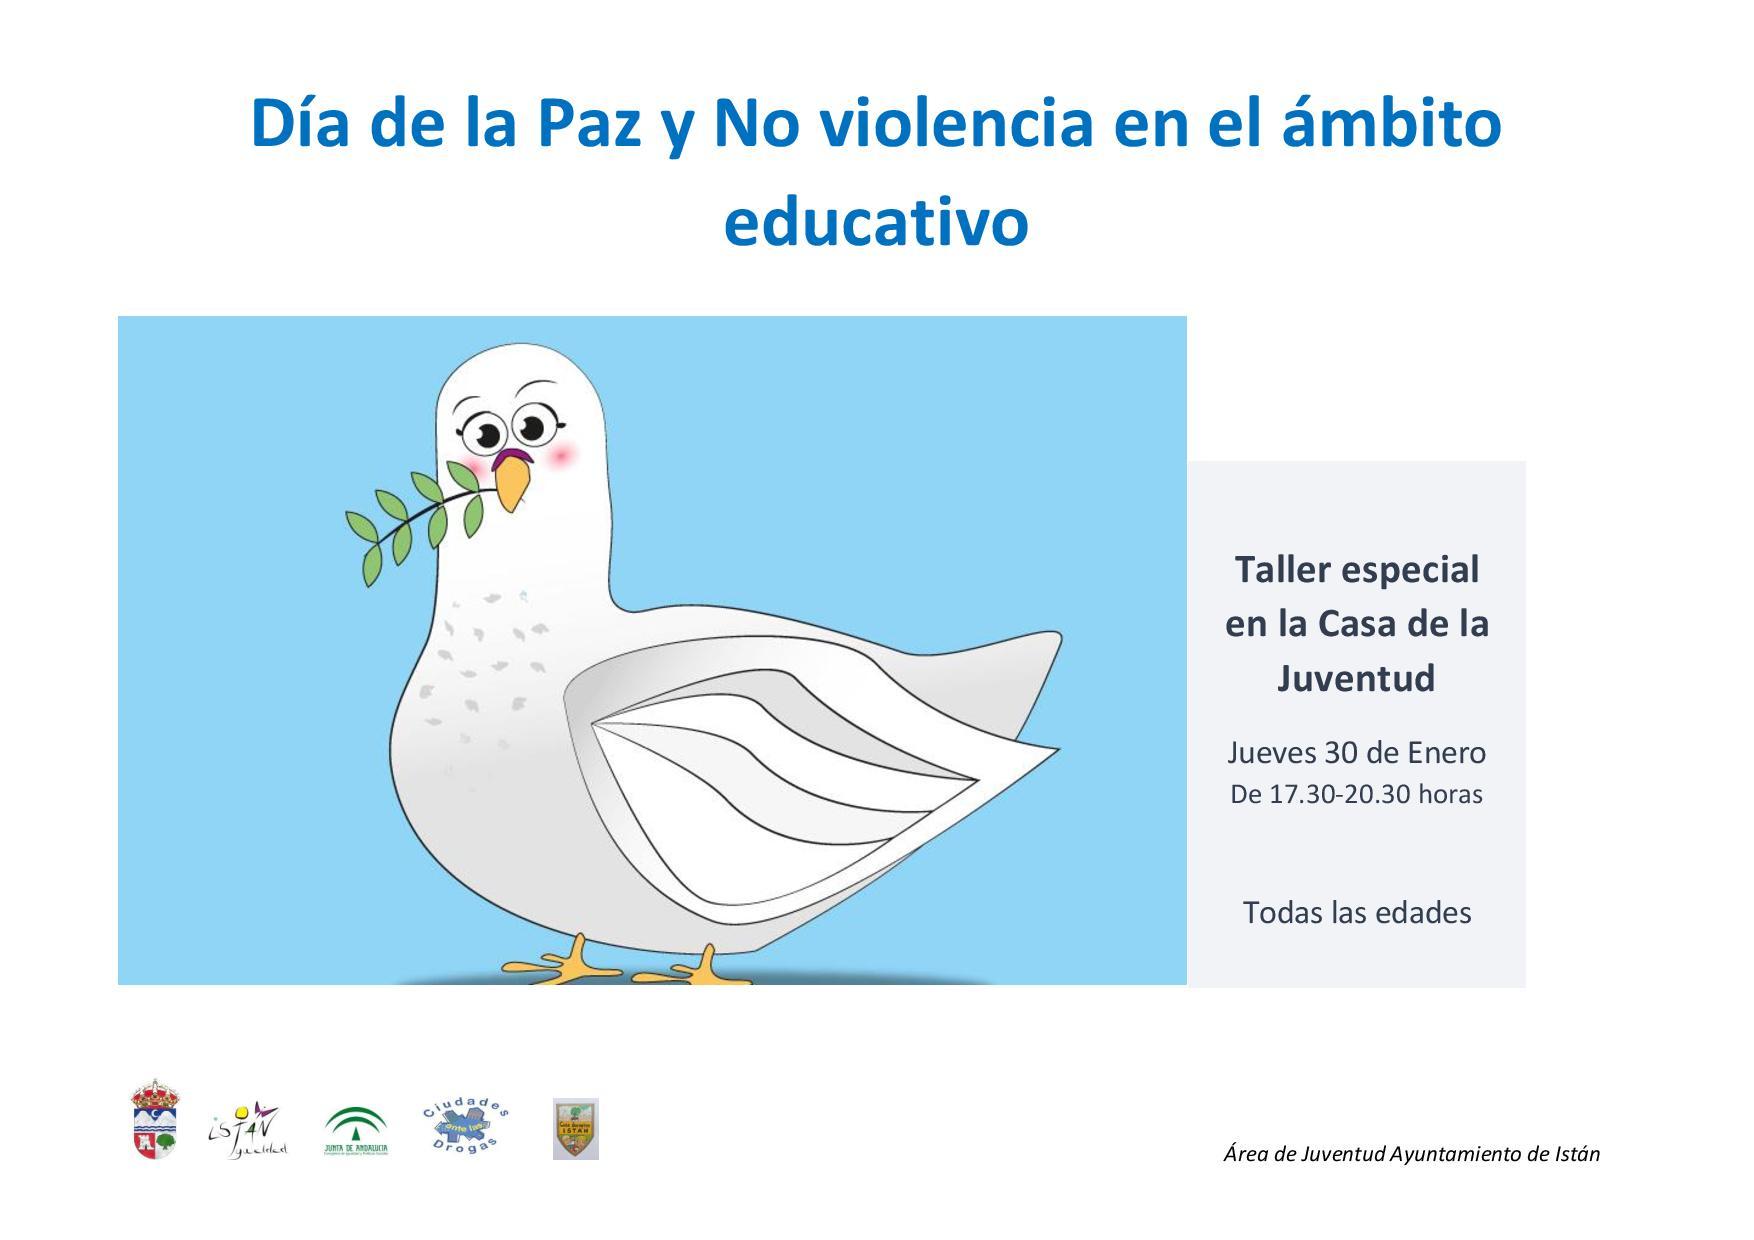 Taller del Día de la Paz y No violencia en el ámbito educativo 2020 - Istán (Málaga)